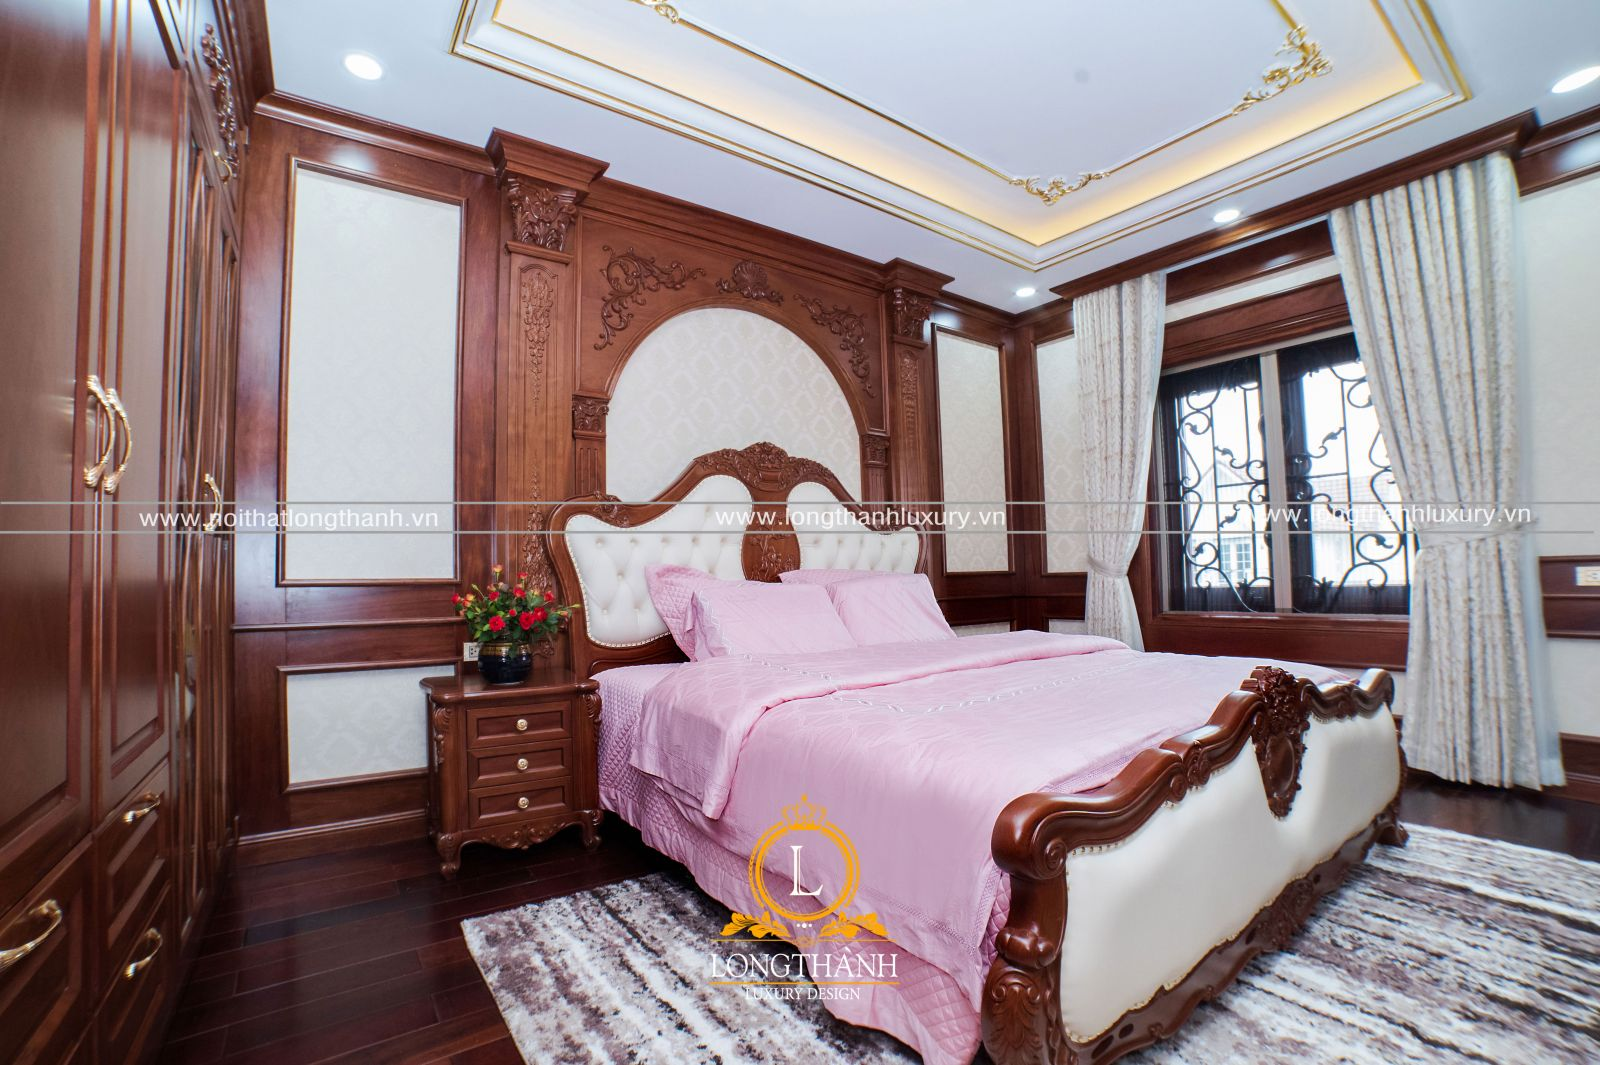 Phòng ngủ cô con gái nổi bật với bộ chăn ga sắc hồng